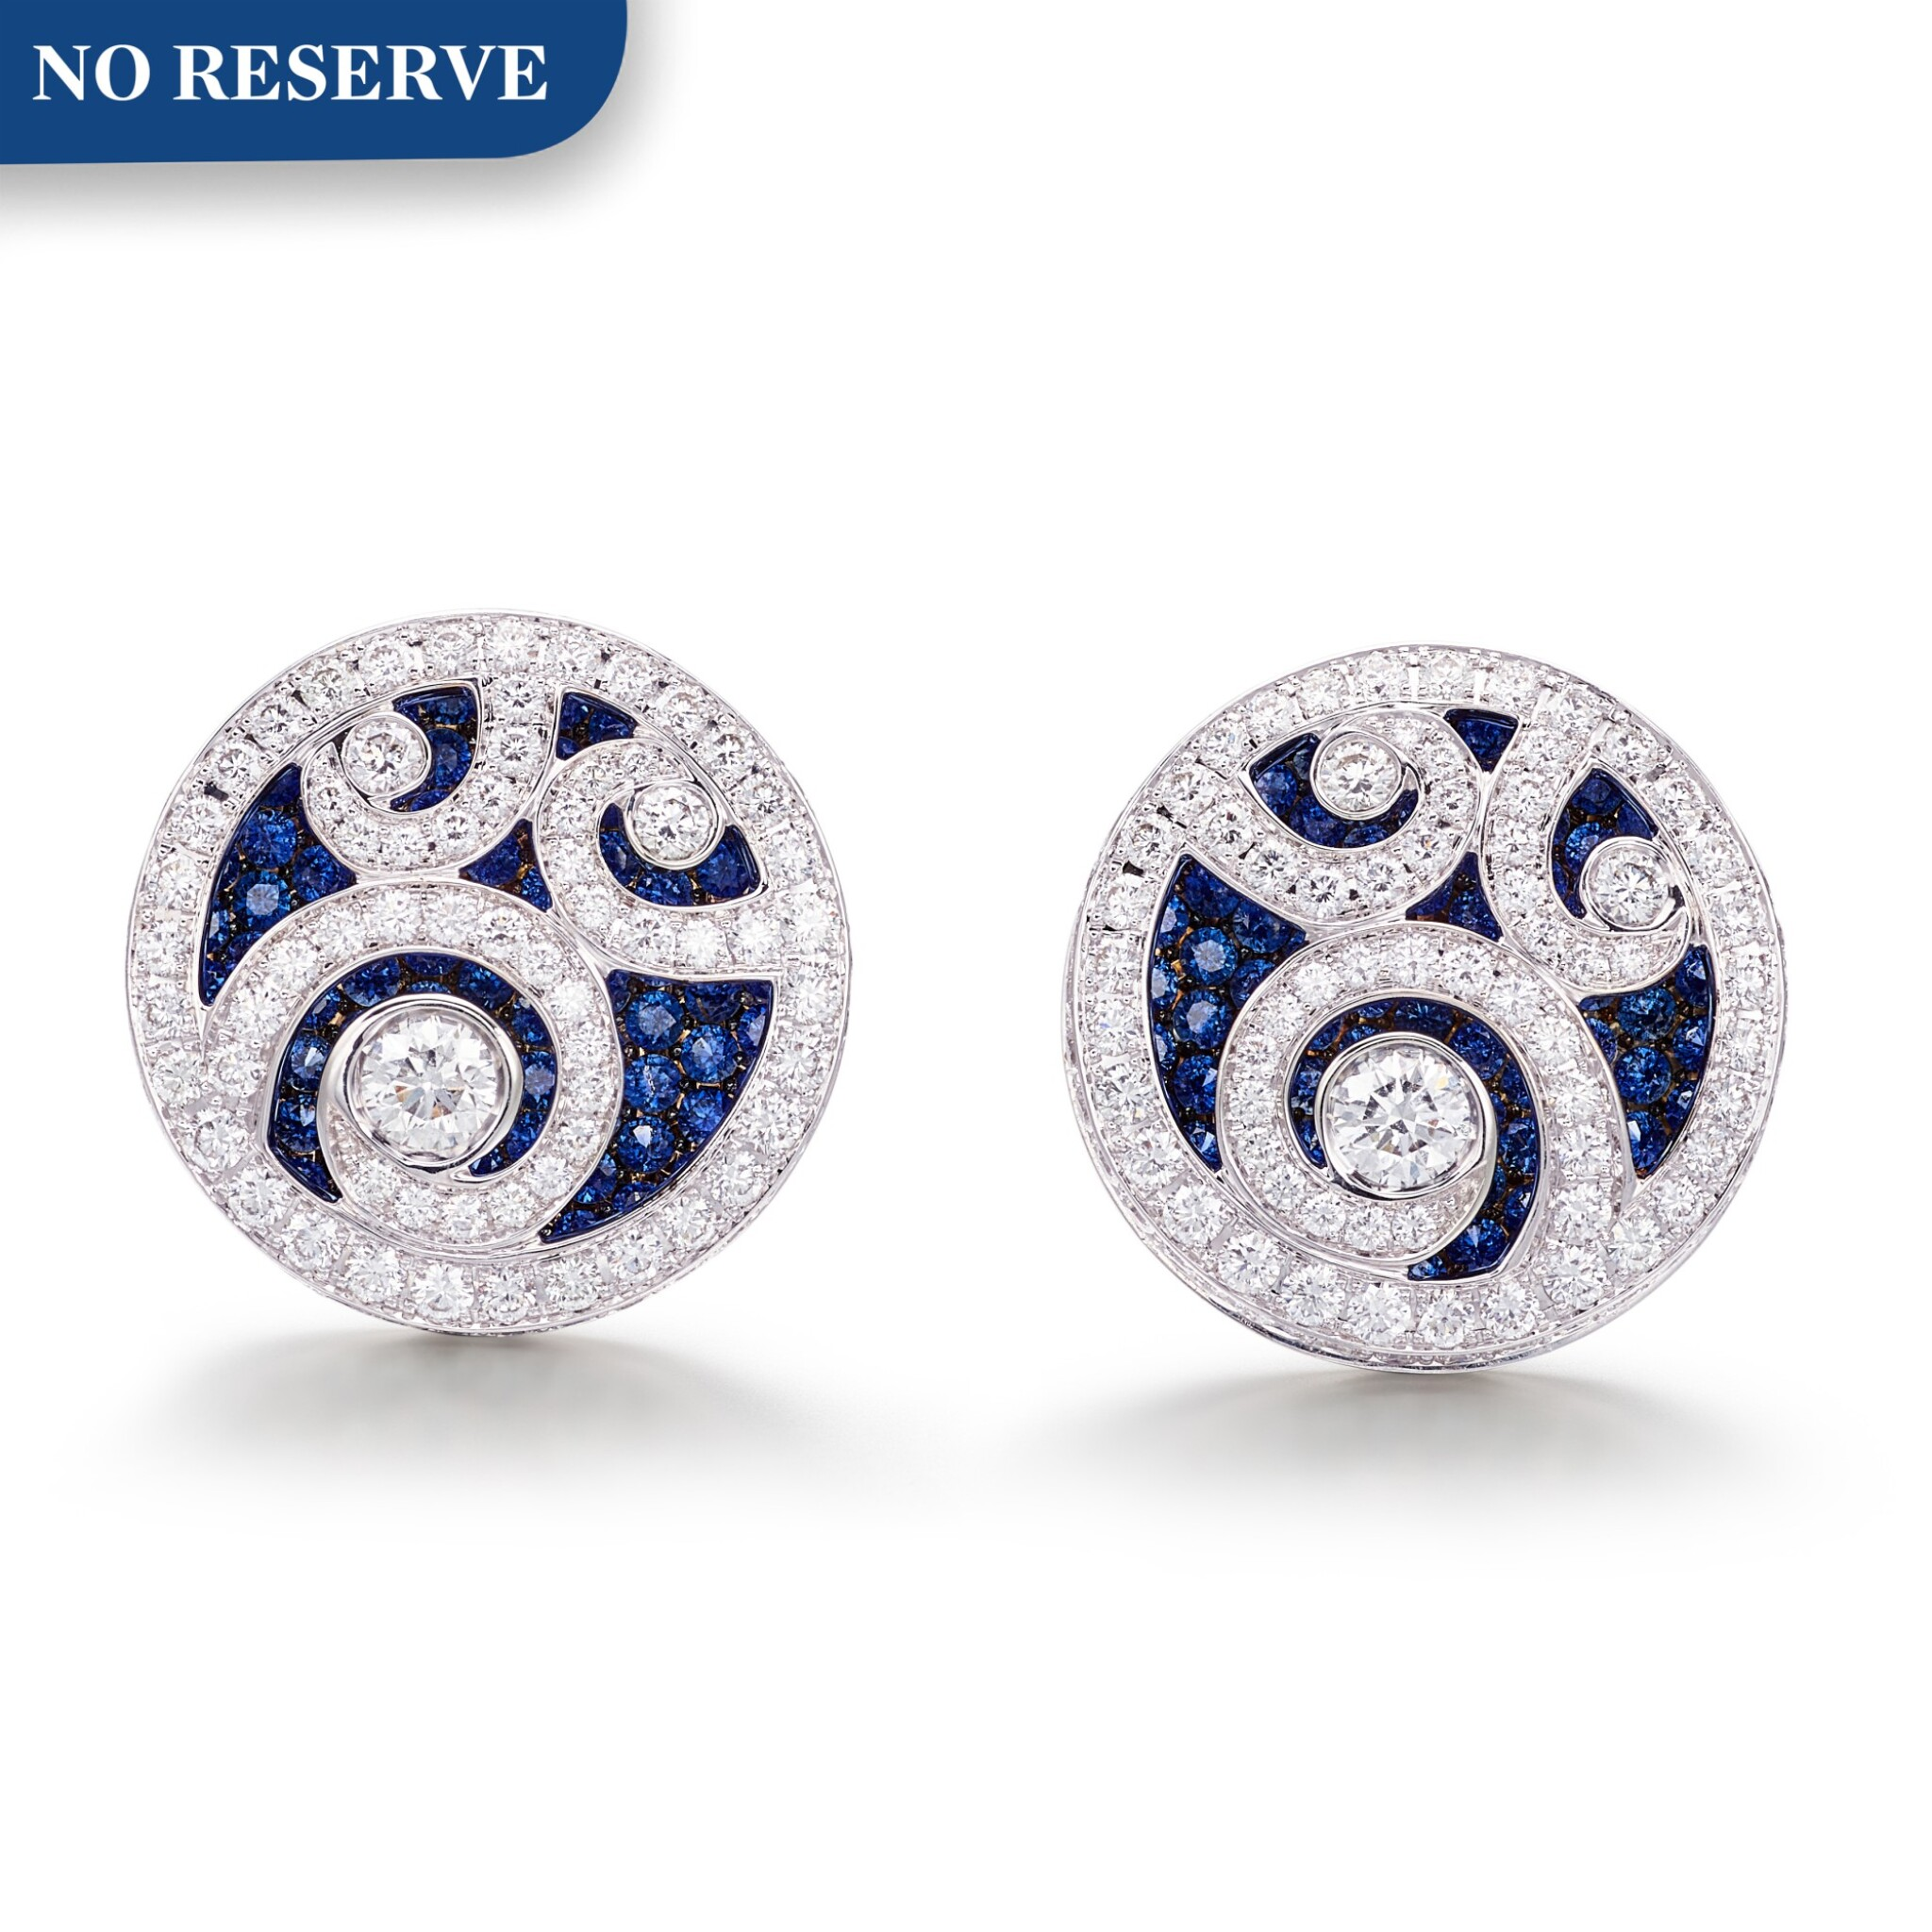 View full screen - View 1 of Lot 1091. 'Diamond on Diamond' Pair of Sapphire and Diamond Cufflinks |  格拉夫| 'Diamond on Diamond' 藍寶石 配 鑽石 袖扣一對 (藍寶石及鑽石共重約2.80及2.60克拉).